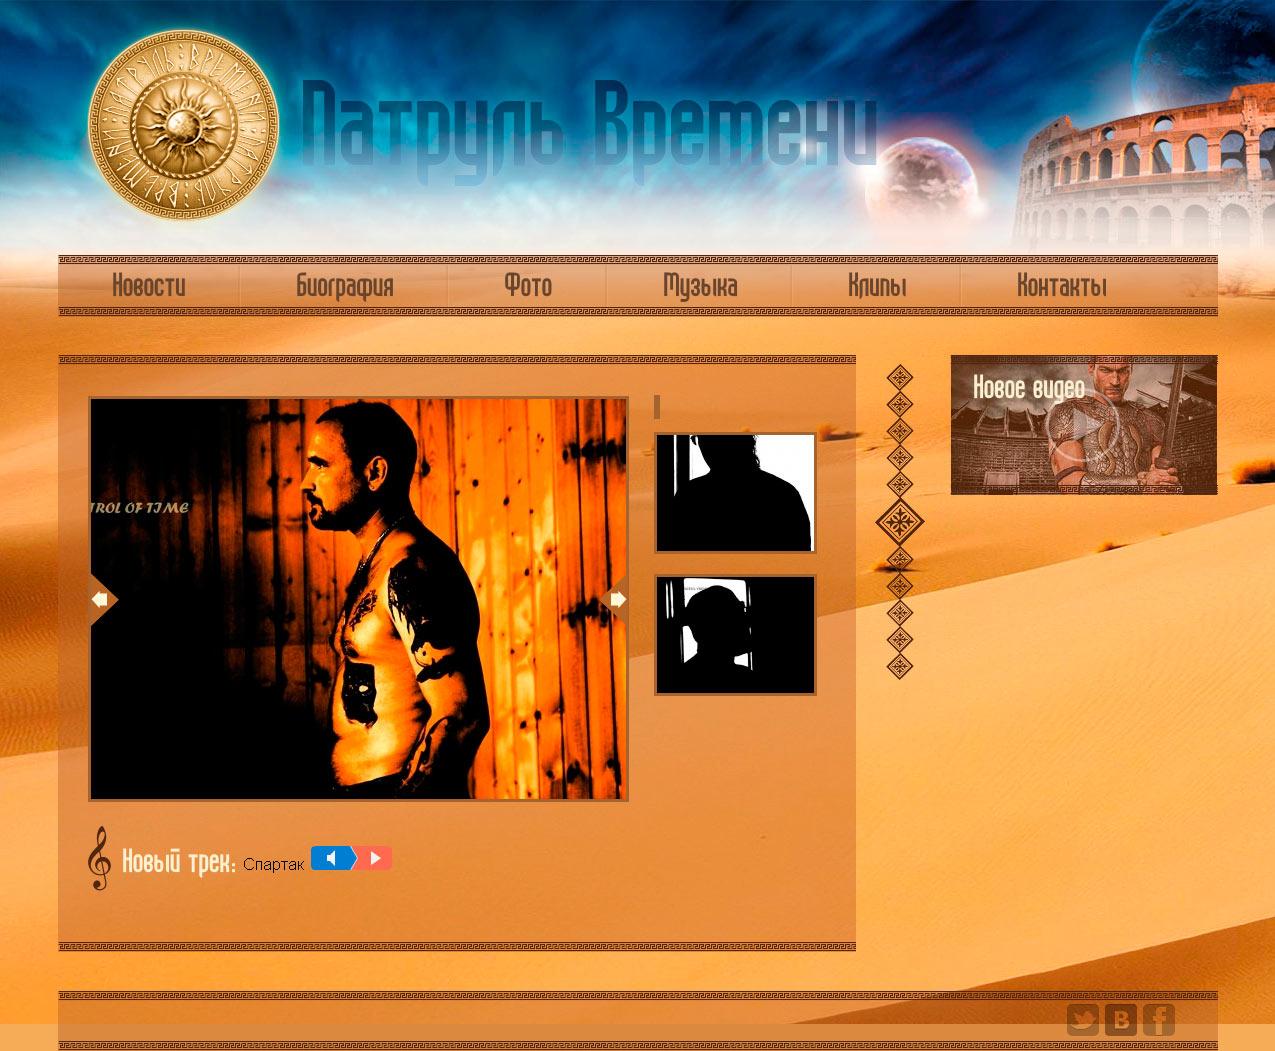 Официальный сайт поп-рок группы «Патруль времени»